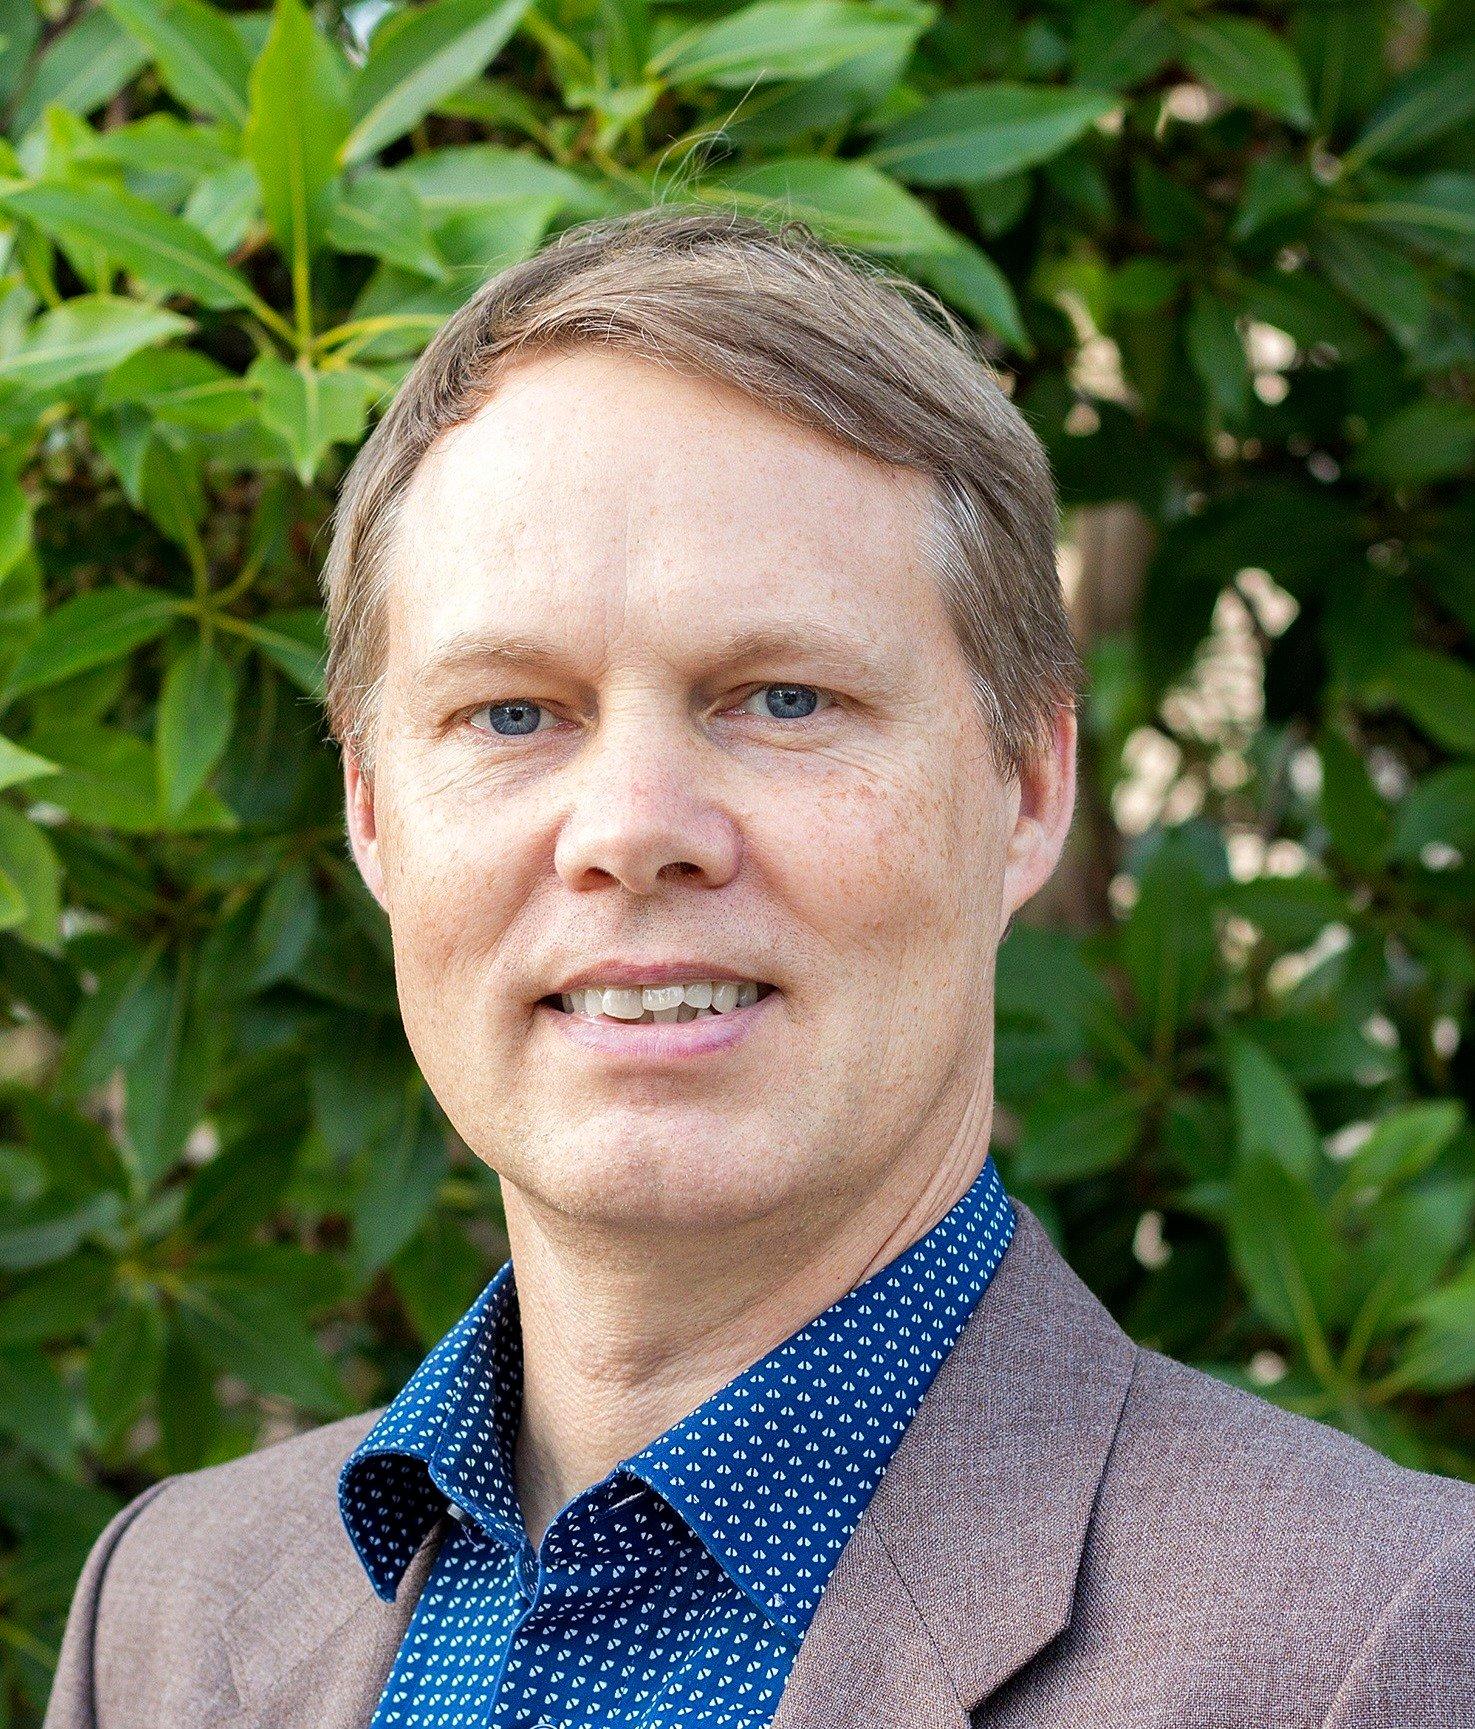 Michael Warburton